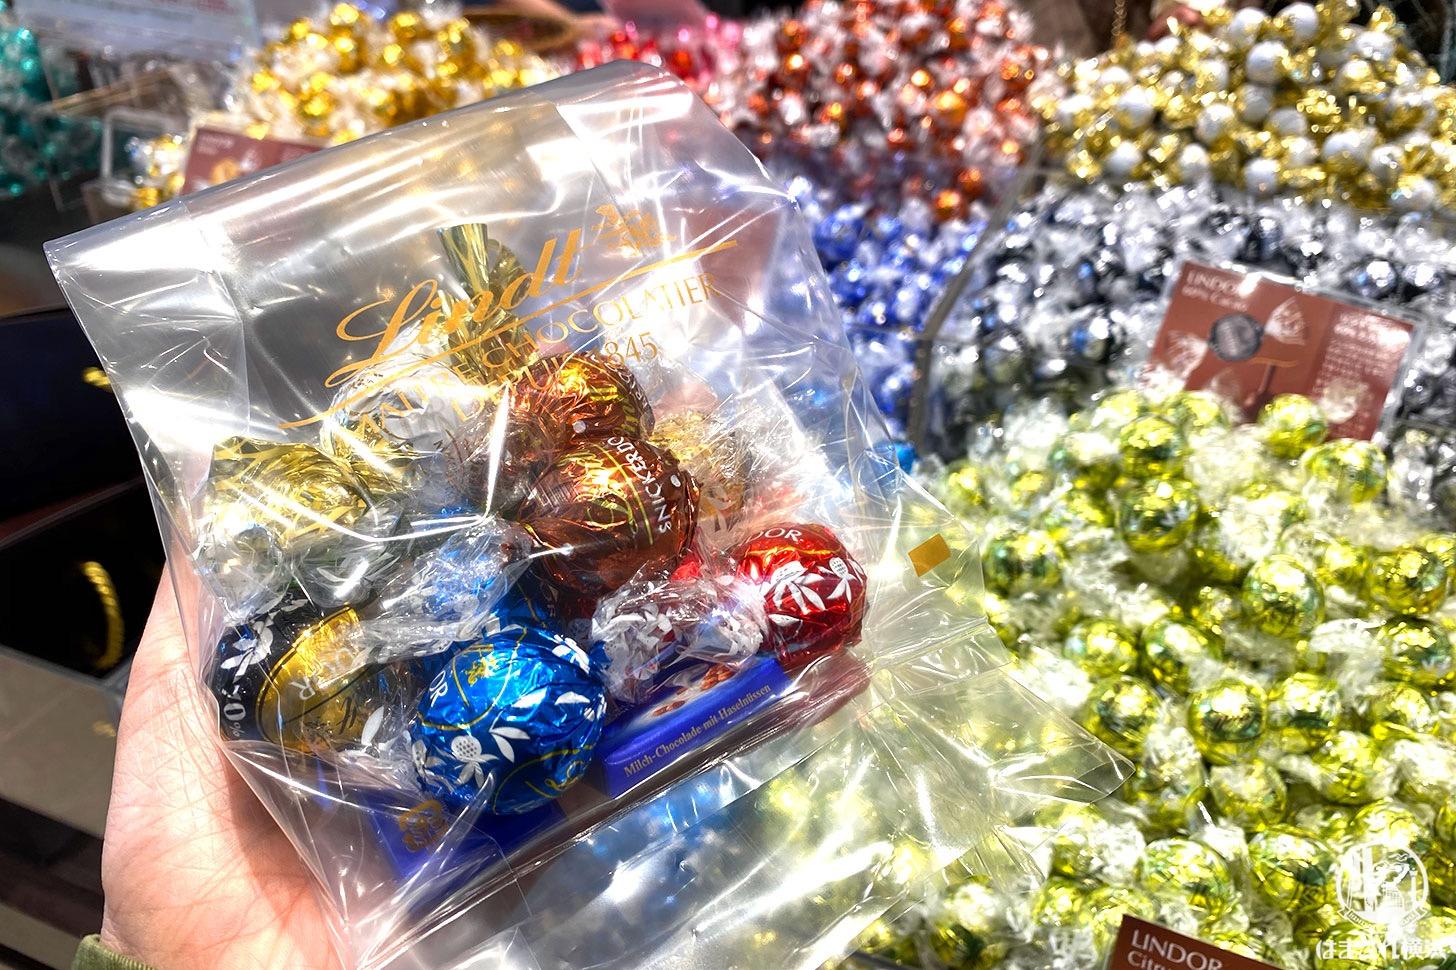 リンツショコラのアウトレット・横浜ベイサイドは半額の大容量詰め合わせあり!割引の計り売り体験